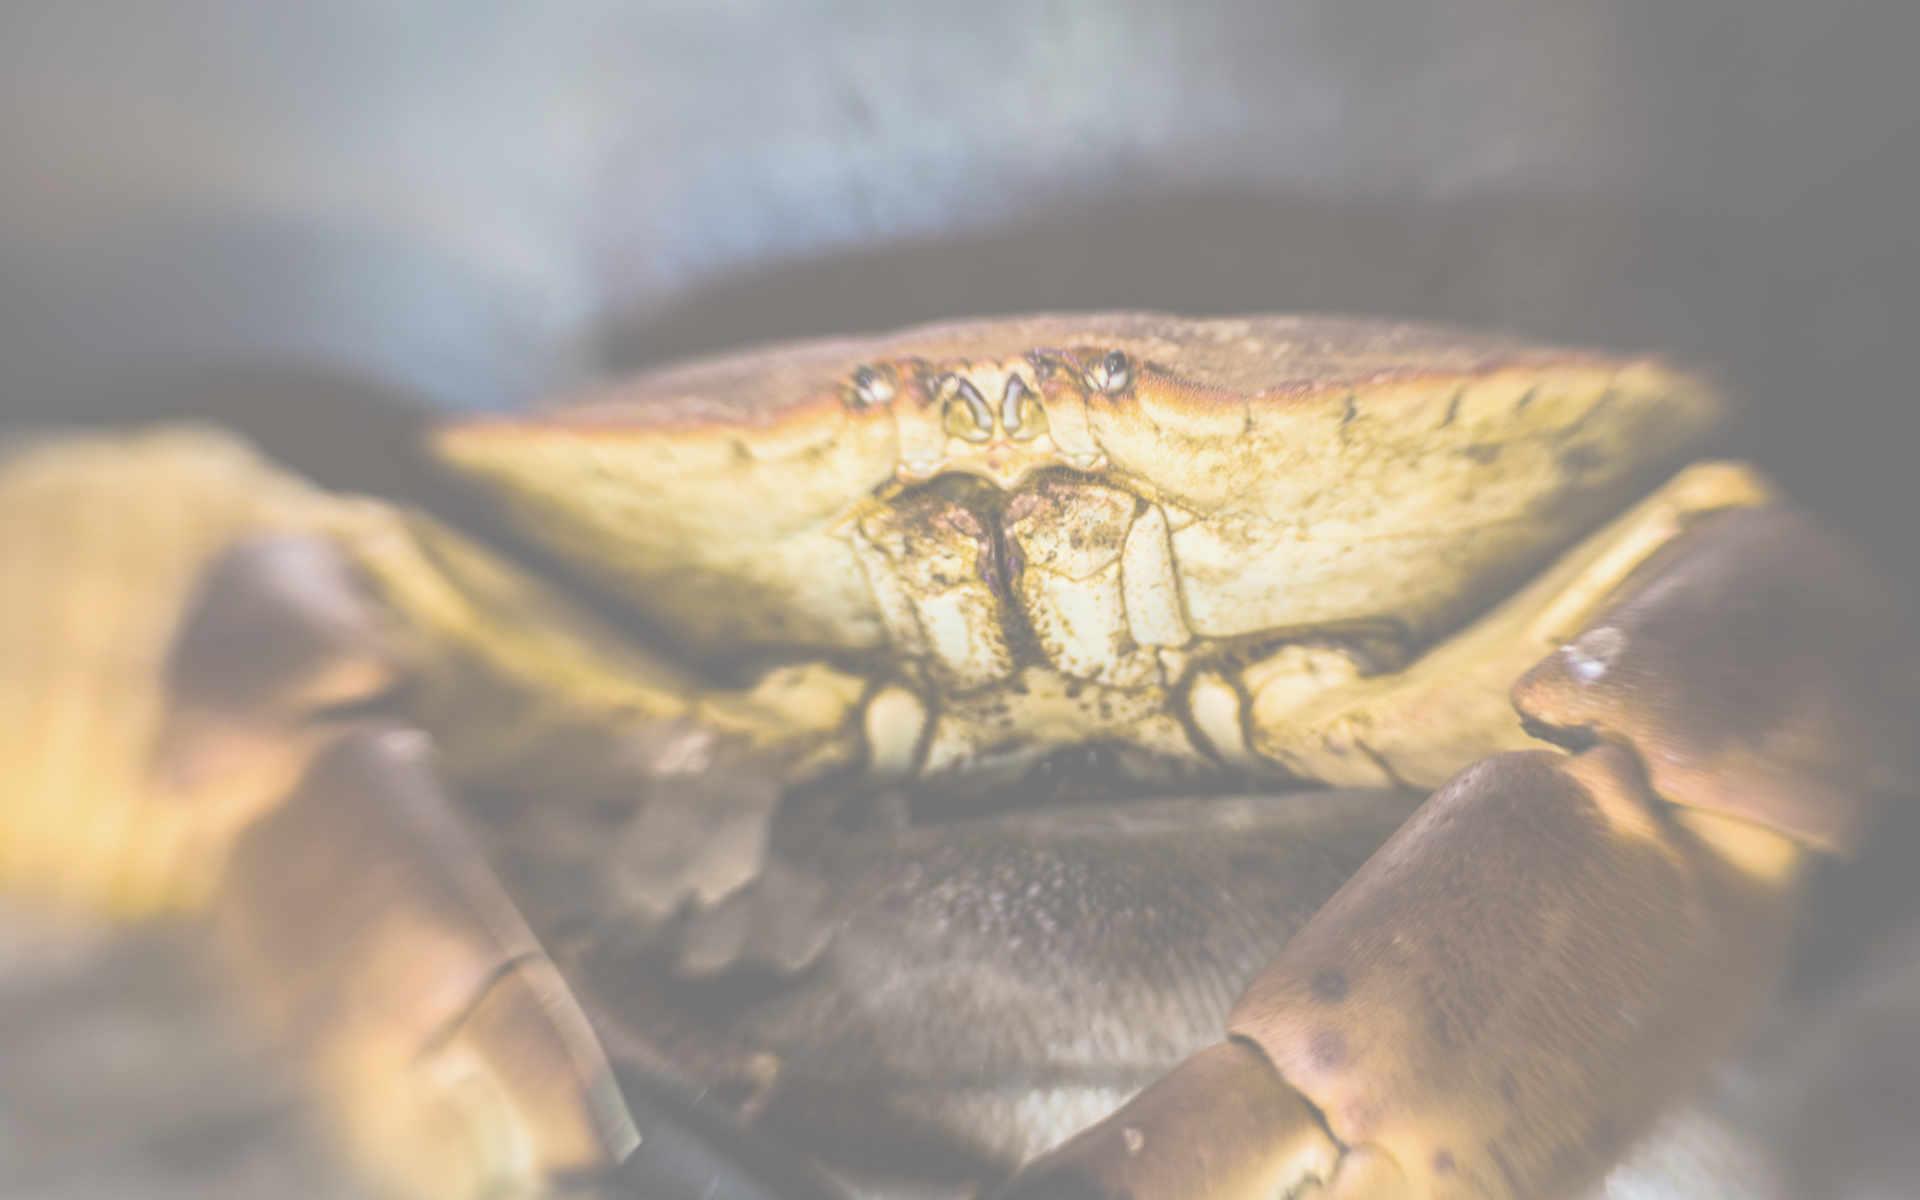 Shellfish Greenwich Fishmongers